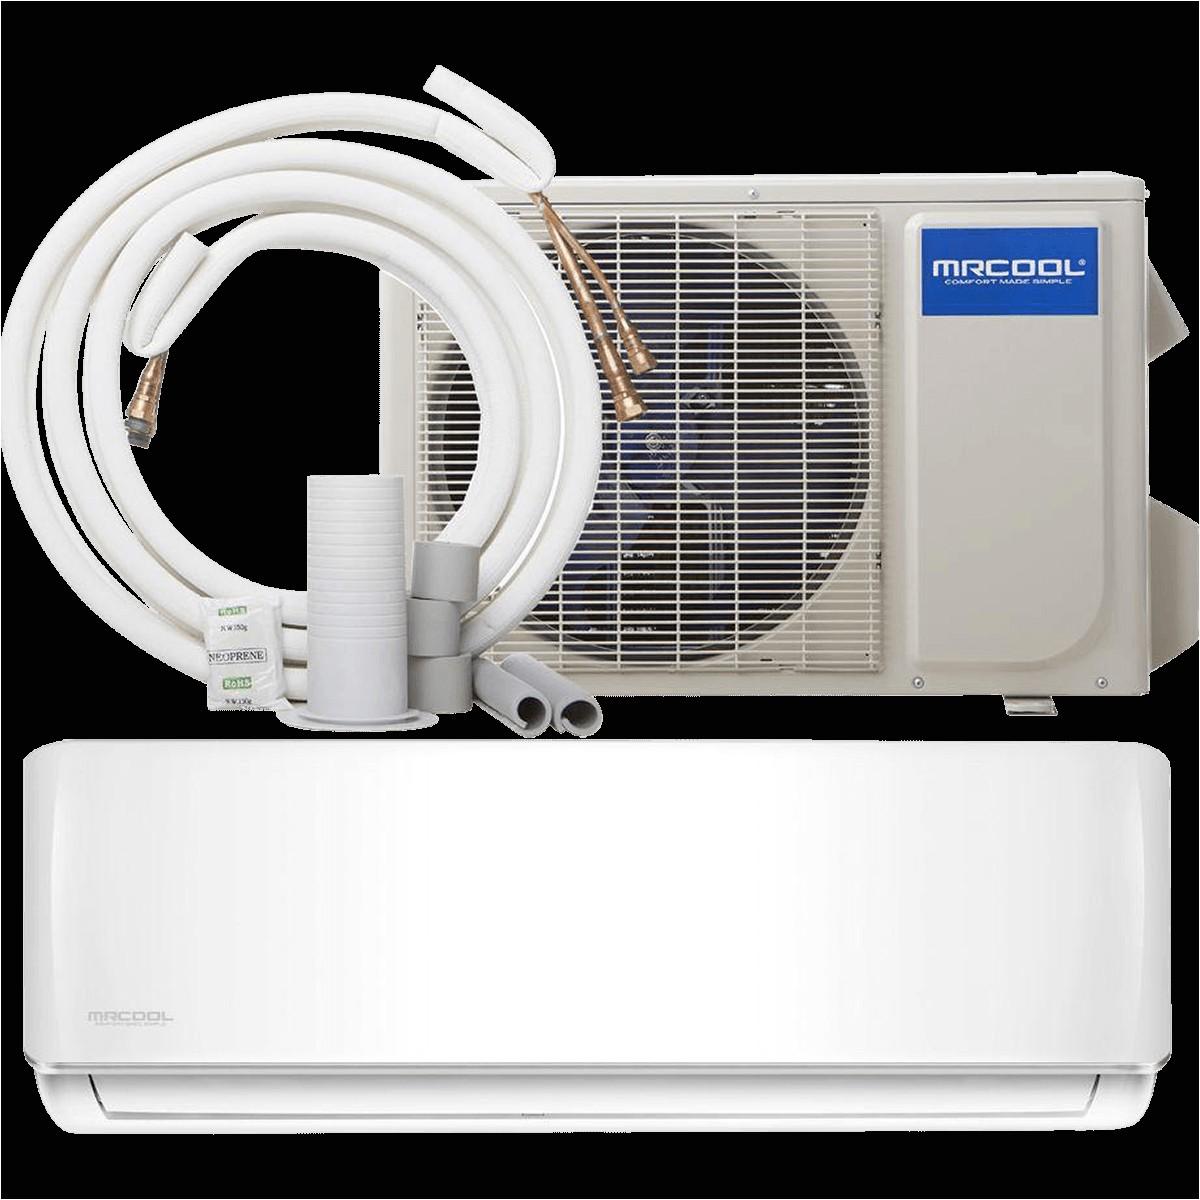 mrcool 36 000 btu 230v diy mini split heat pump